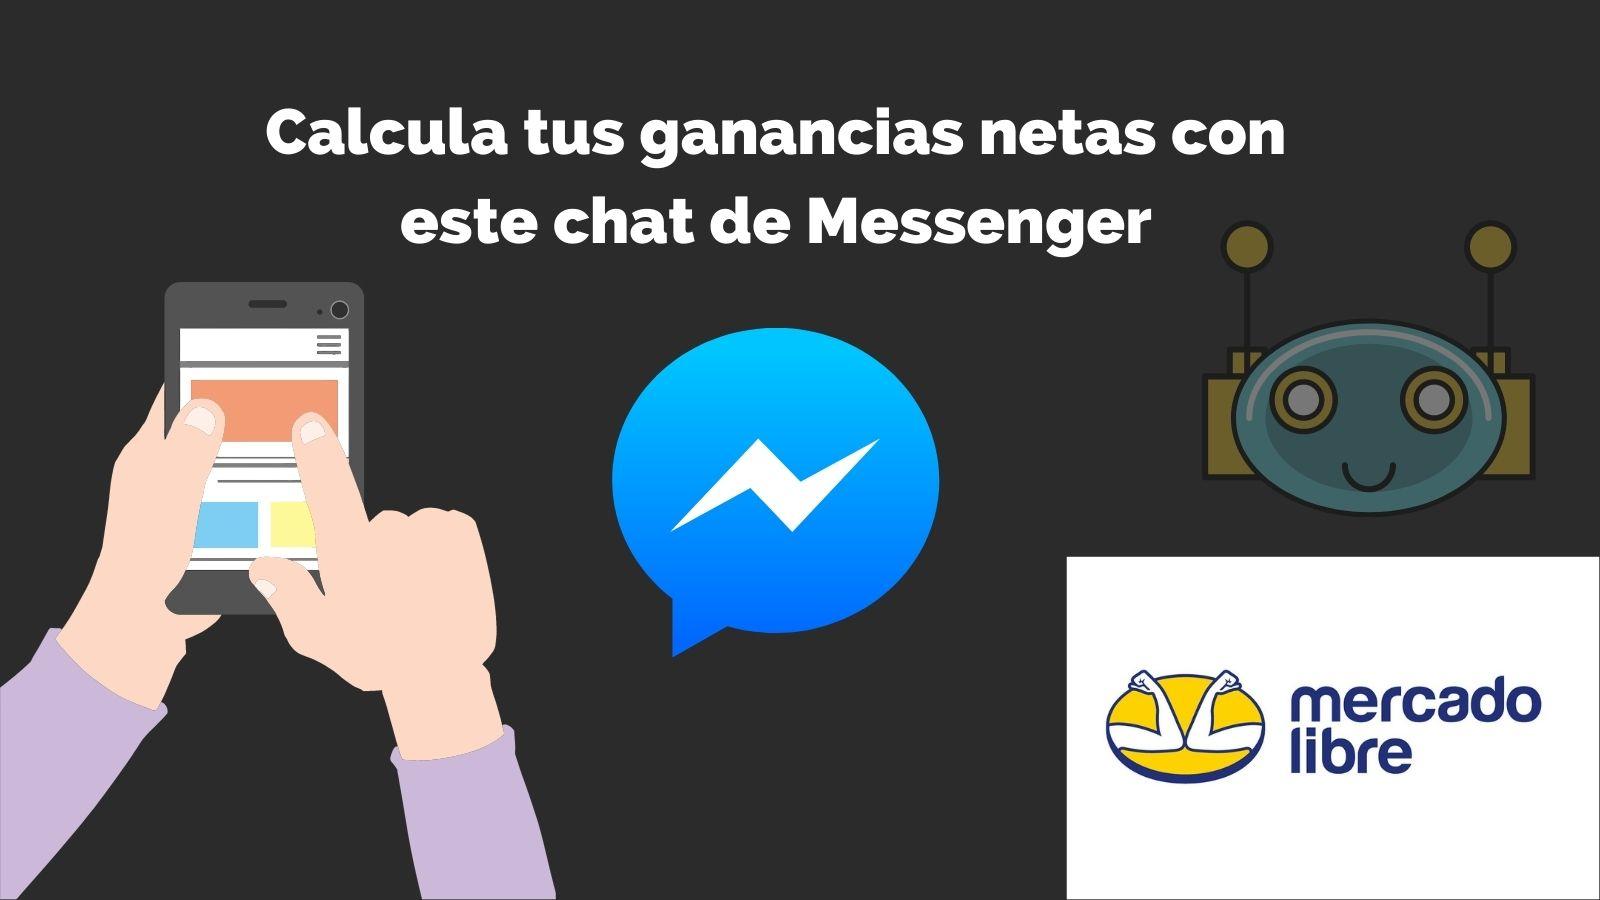 Calcula tus ganancias netas al vender por mercadolibre con este chatbot de messenger